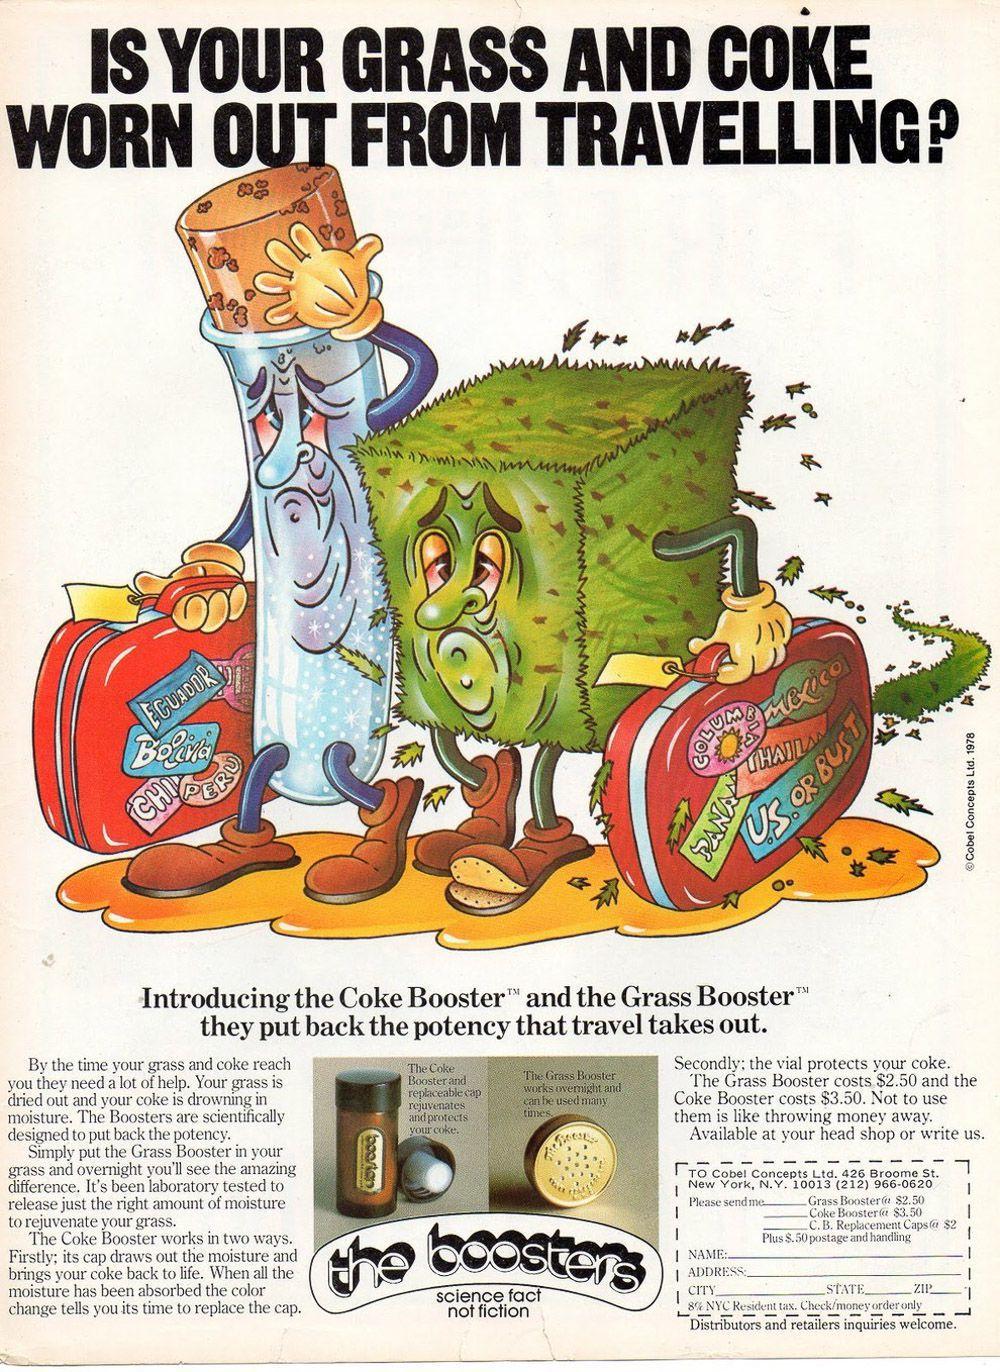 asi anunciaban productos relacionados con la cocaina en las revistas de los años 70 y 80 16